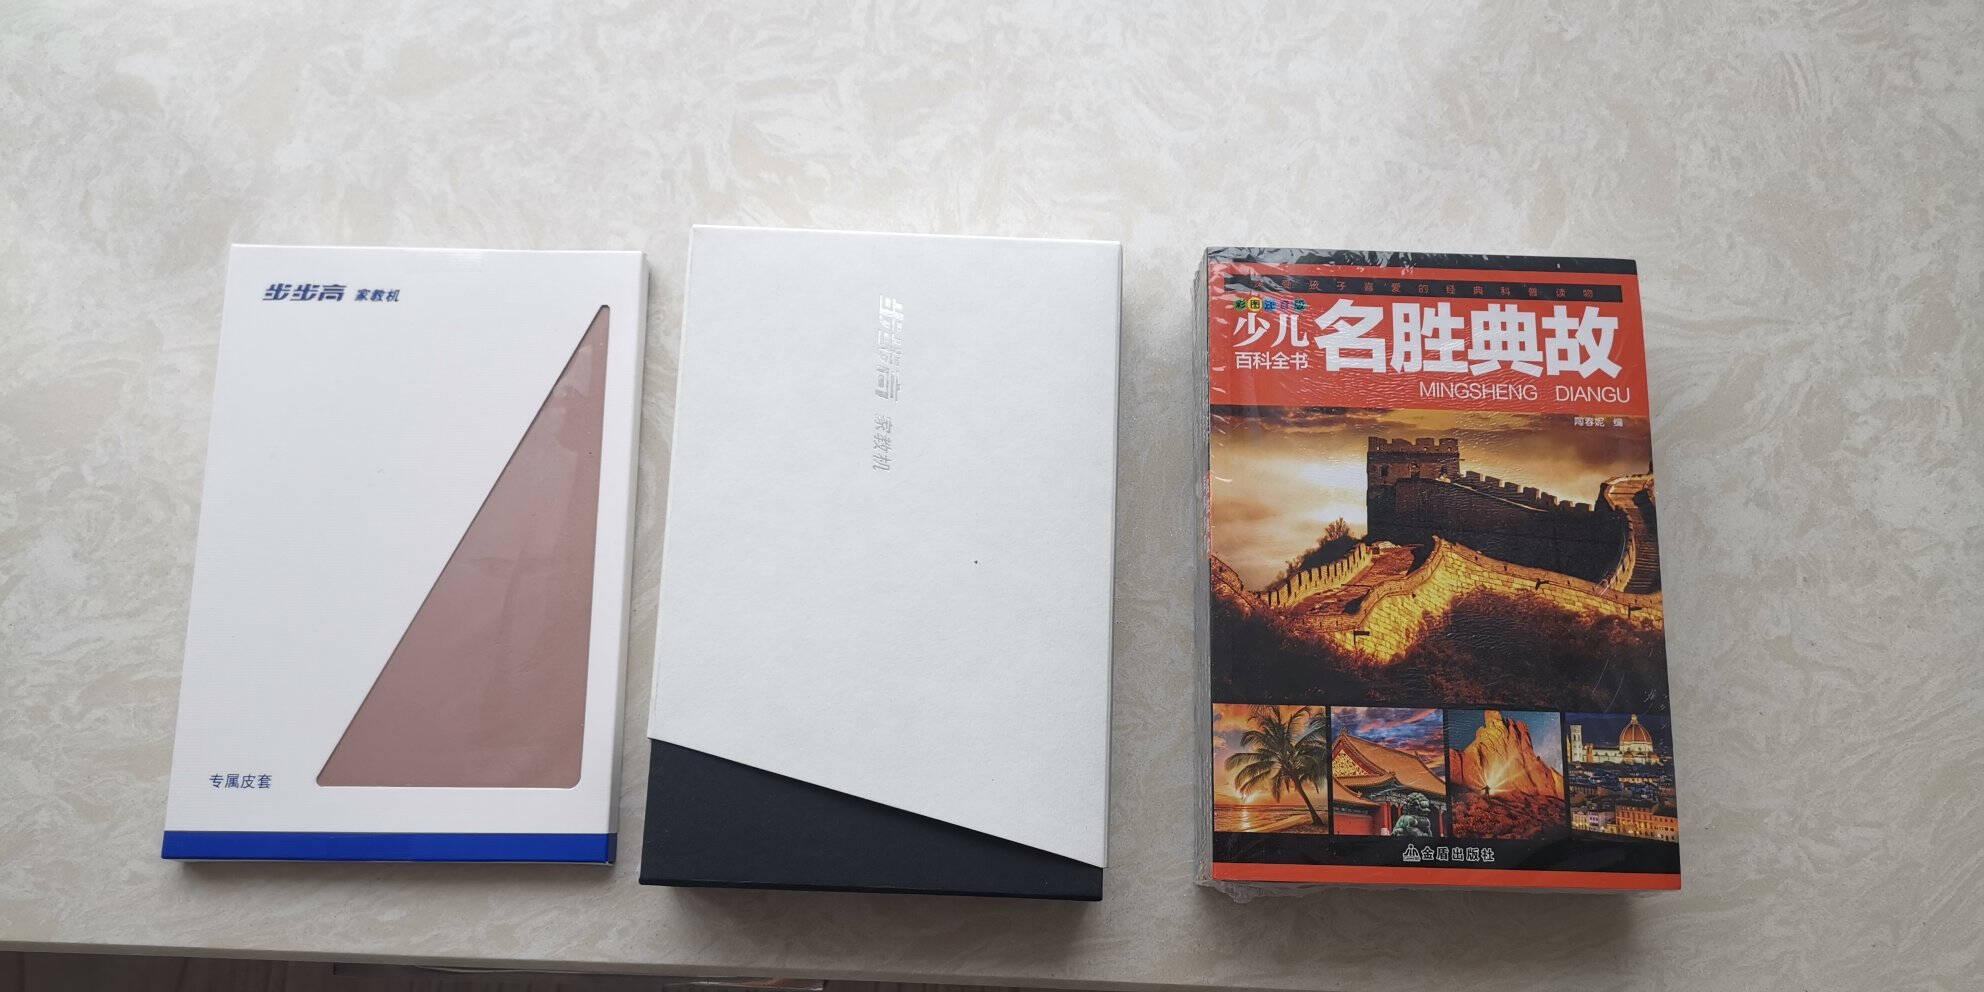 步步高家教机升级版H9A2G+32GB8英寸学习机点读机学习平板学生平板电脑英语早教机小学初中高中